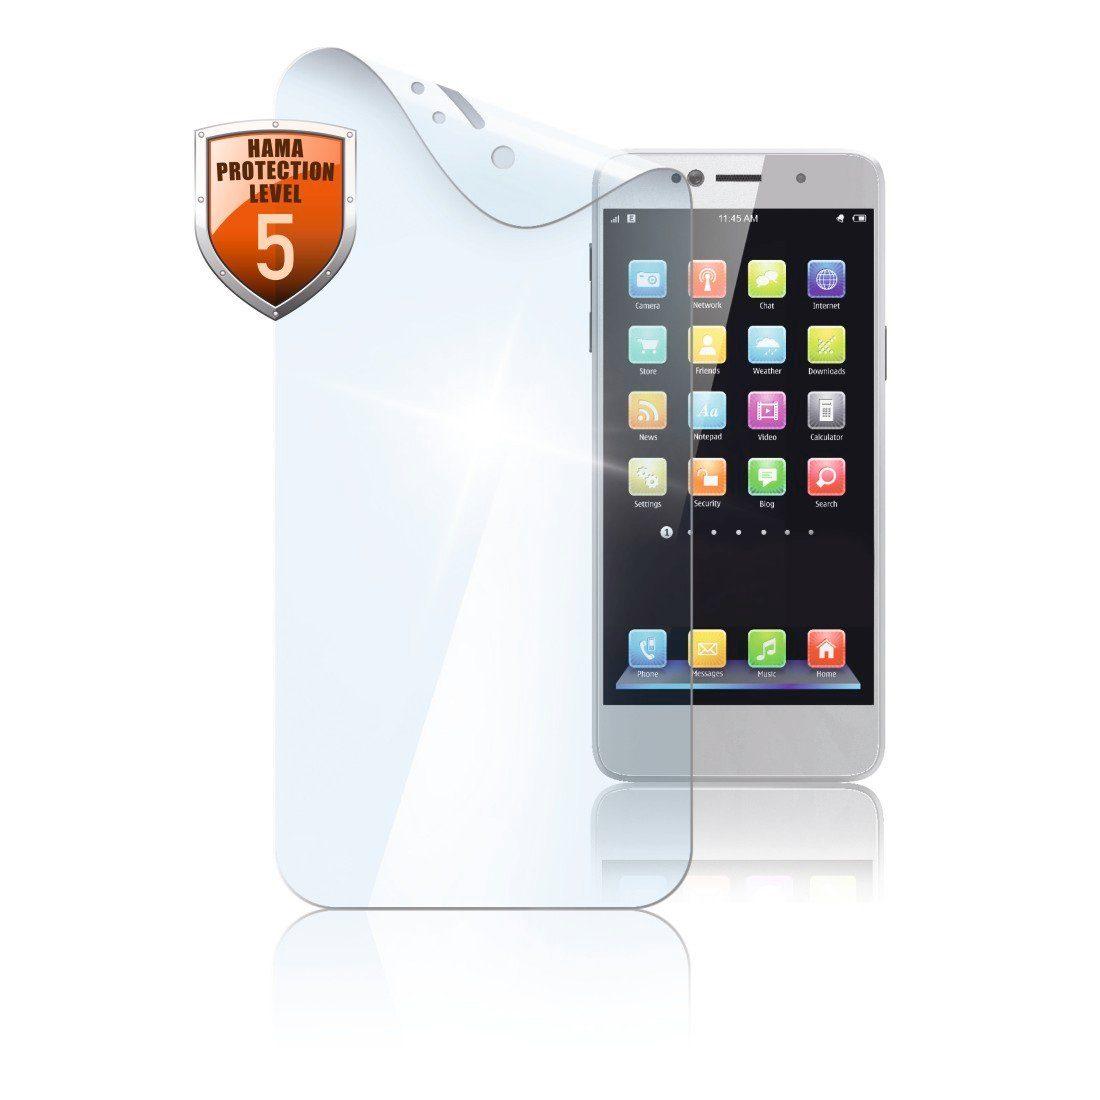 Hama Display-Schutzfolie Crystal Clear für Sony Xperia XZ1, 2 Stück